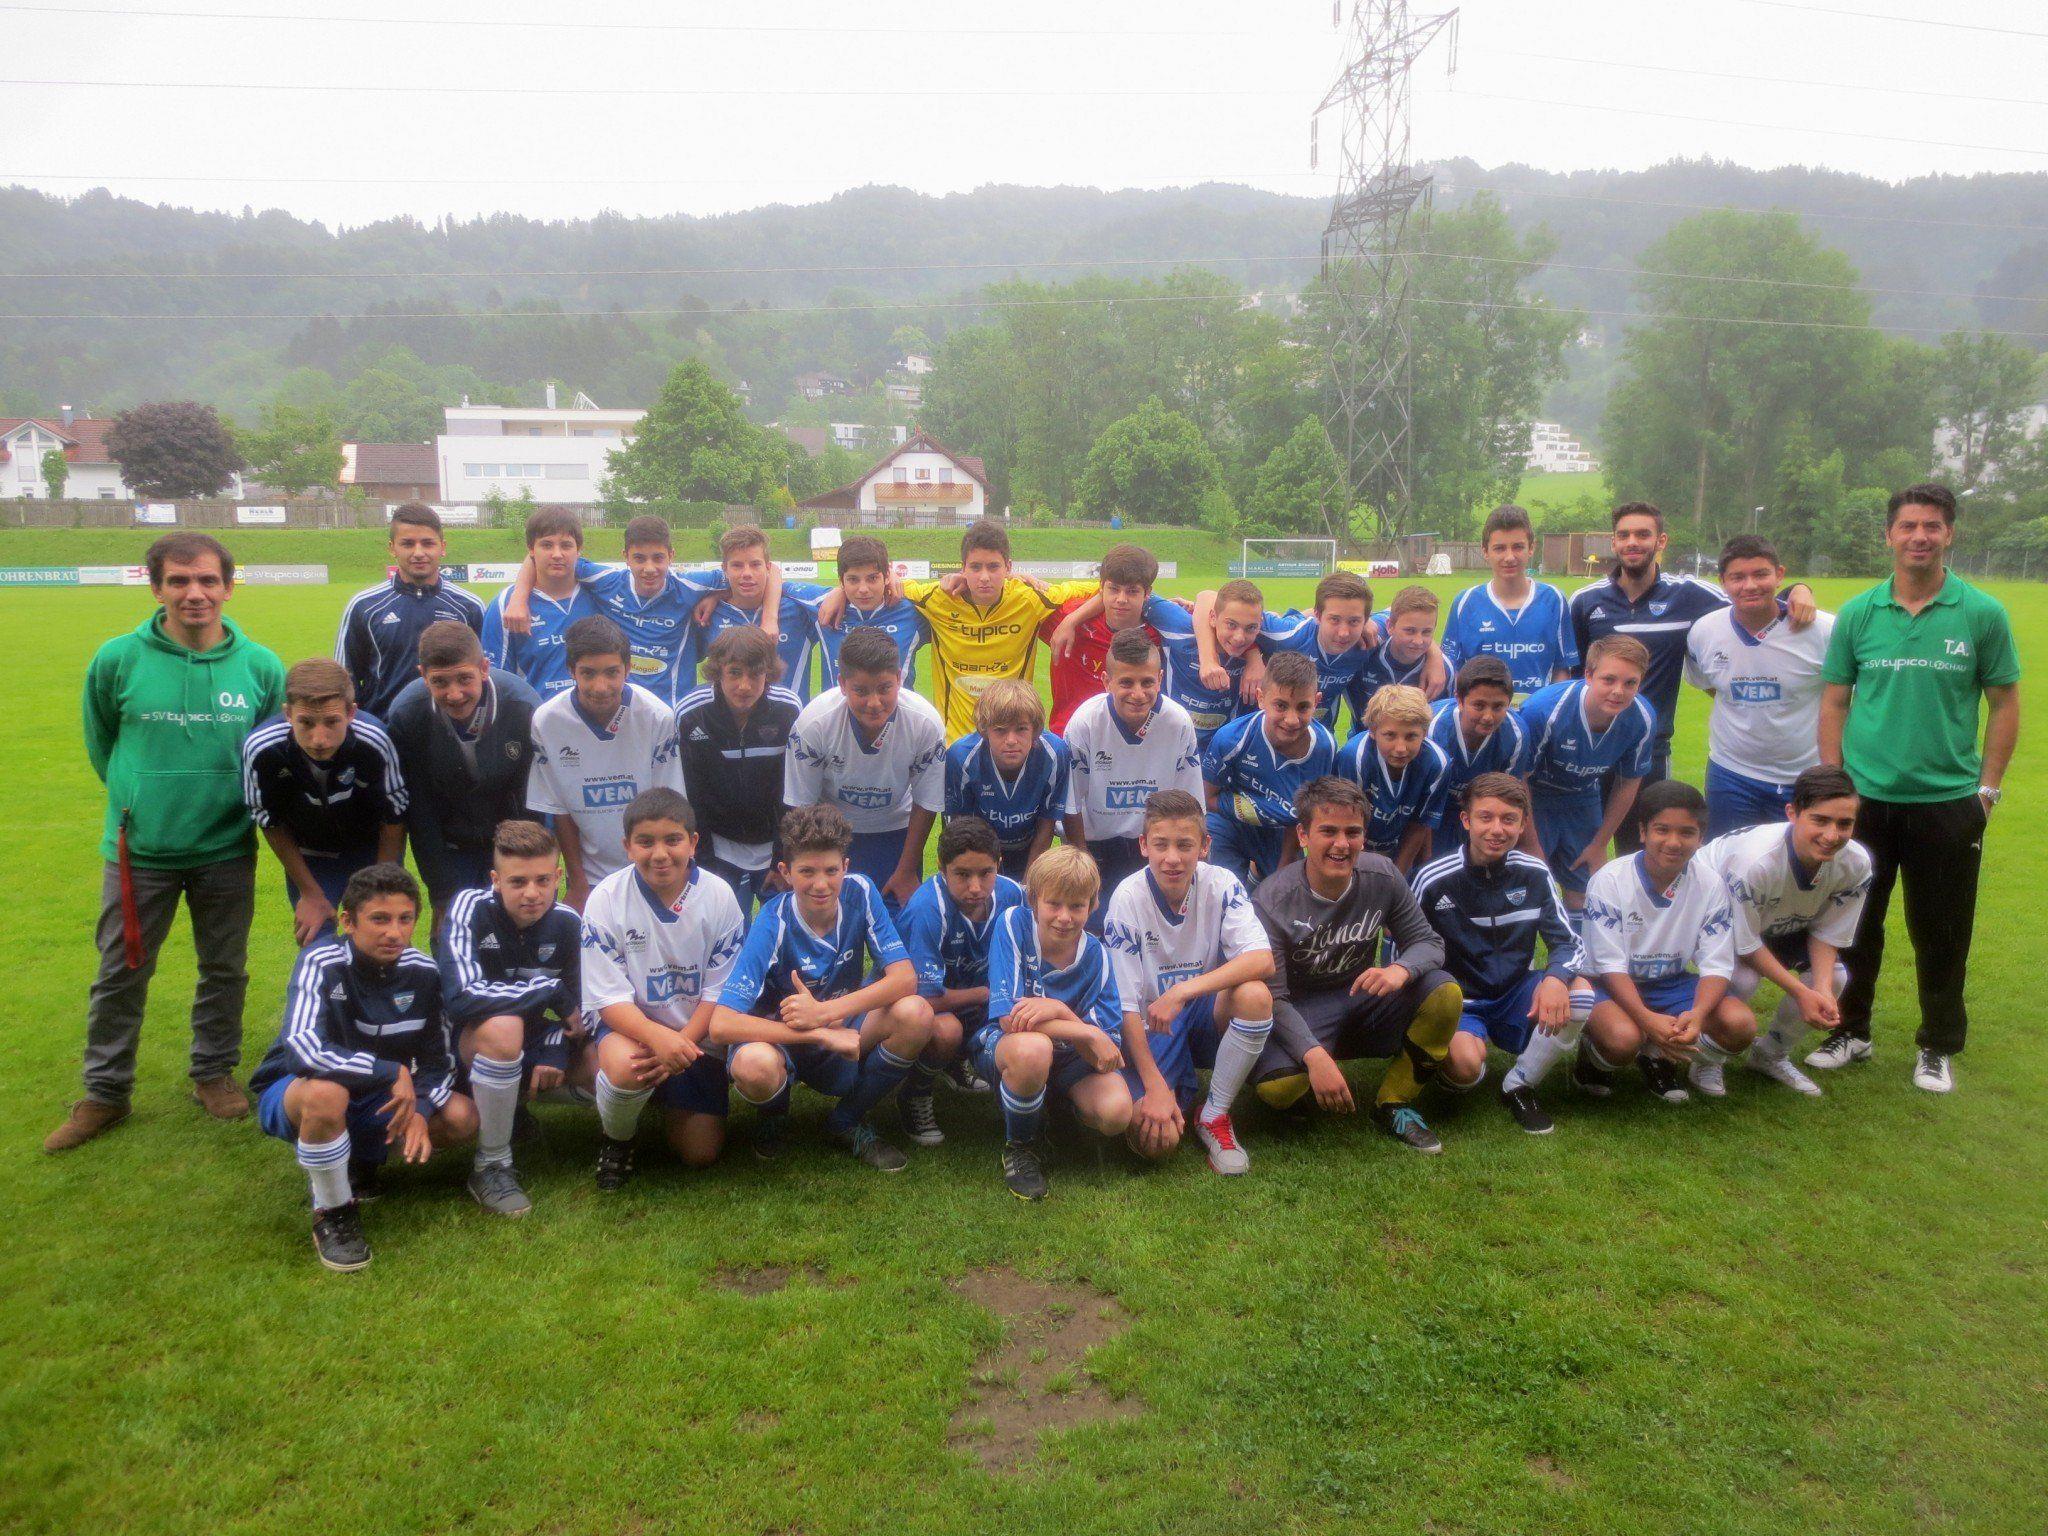 Nach dem Frühstück stellten sich die beiden Teams, SV Typico Lochau und FC Götzis, noch zu einem gemeinsamen Foto vor die Kamera.